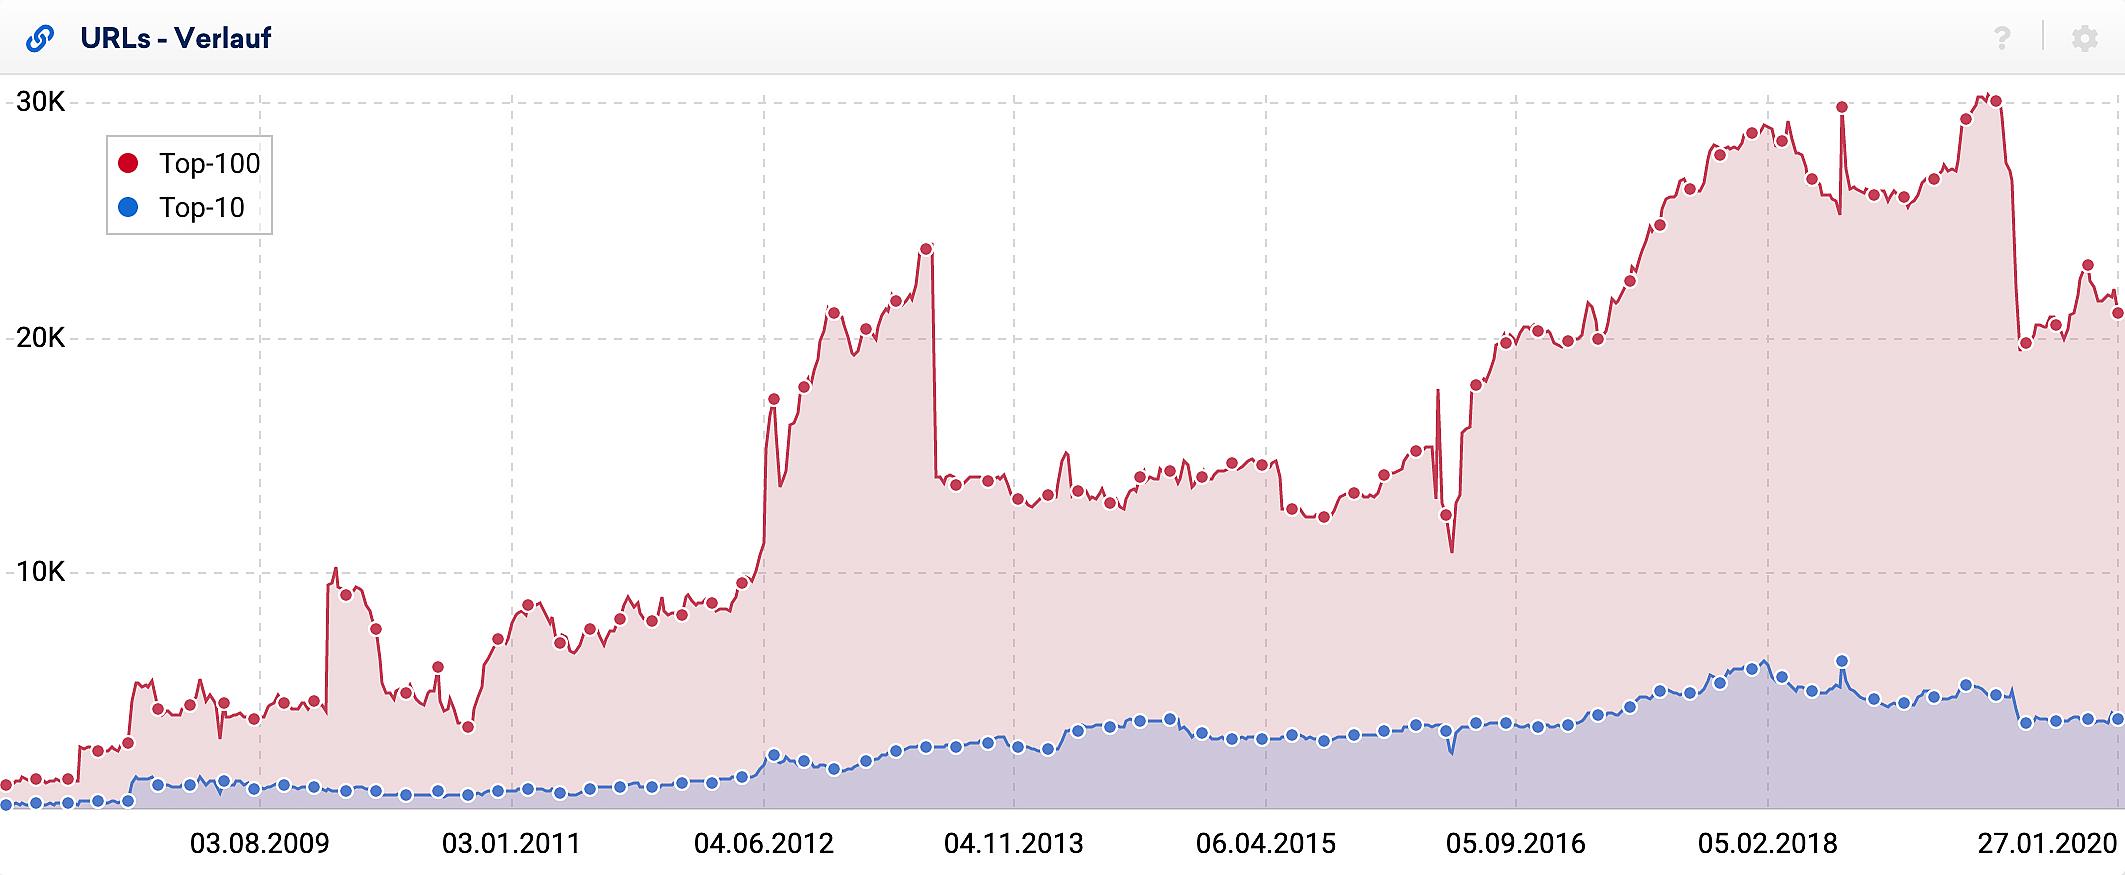 Verlauf der rankenden URLs für eine große deutsche Domain. In der Grafik sind zwei Verläufe zu sehen, einmal die Anzahl der rankenden Top-100 URLs und dann, in blau, nur die Anzahl an URLs die auf der ersten Suchergebnisseite (Top-10) gefunden wurden.